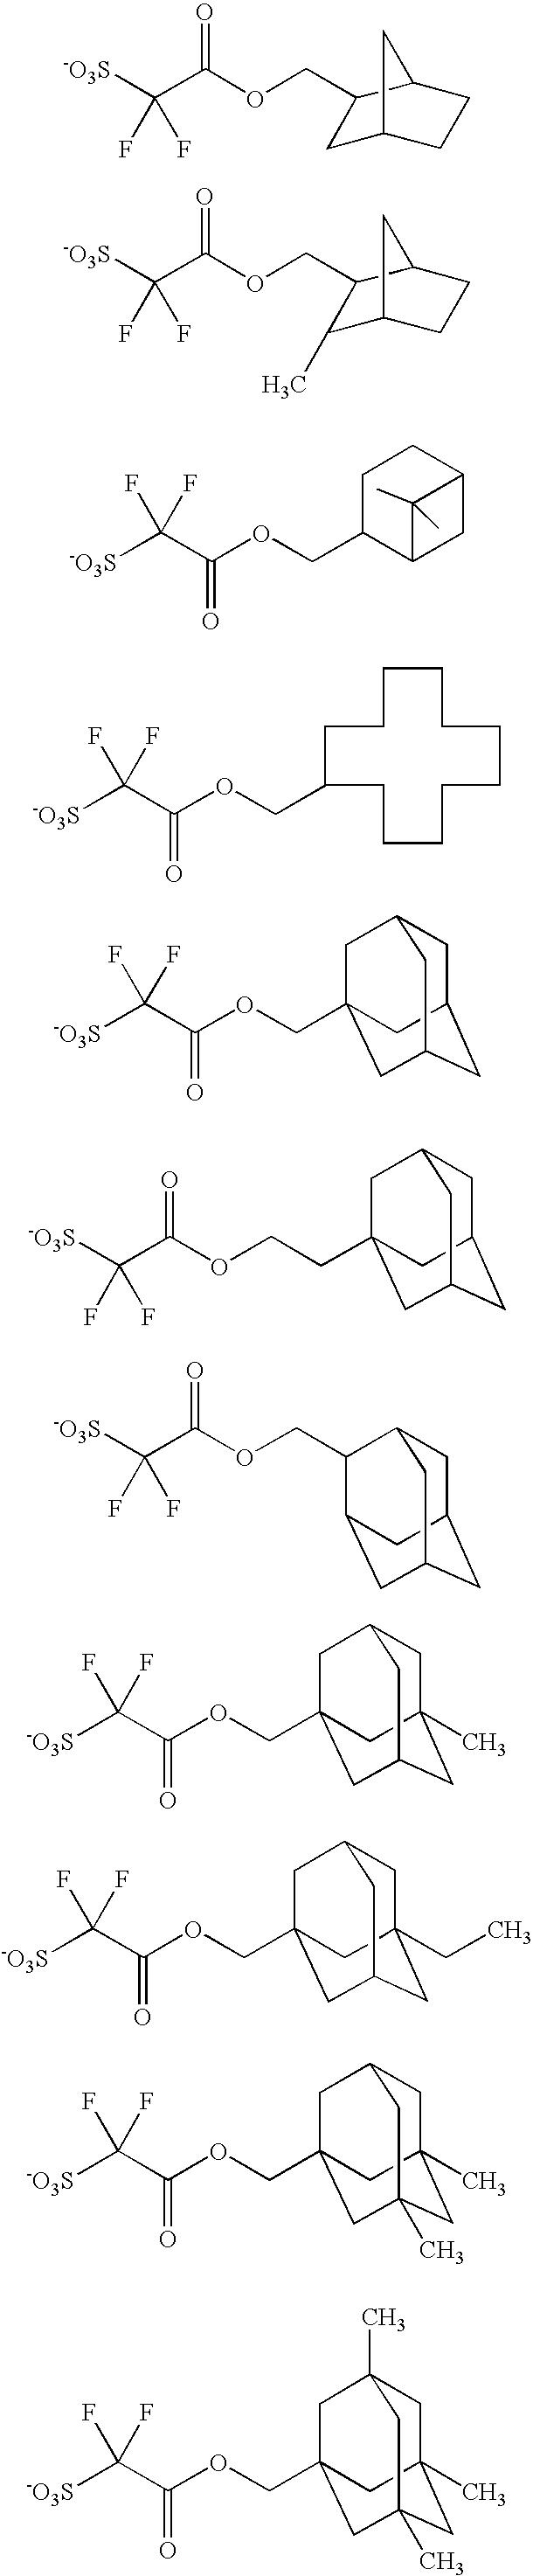 Figure US20100323296A1-20101223-C00087